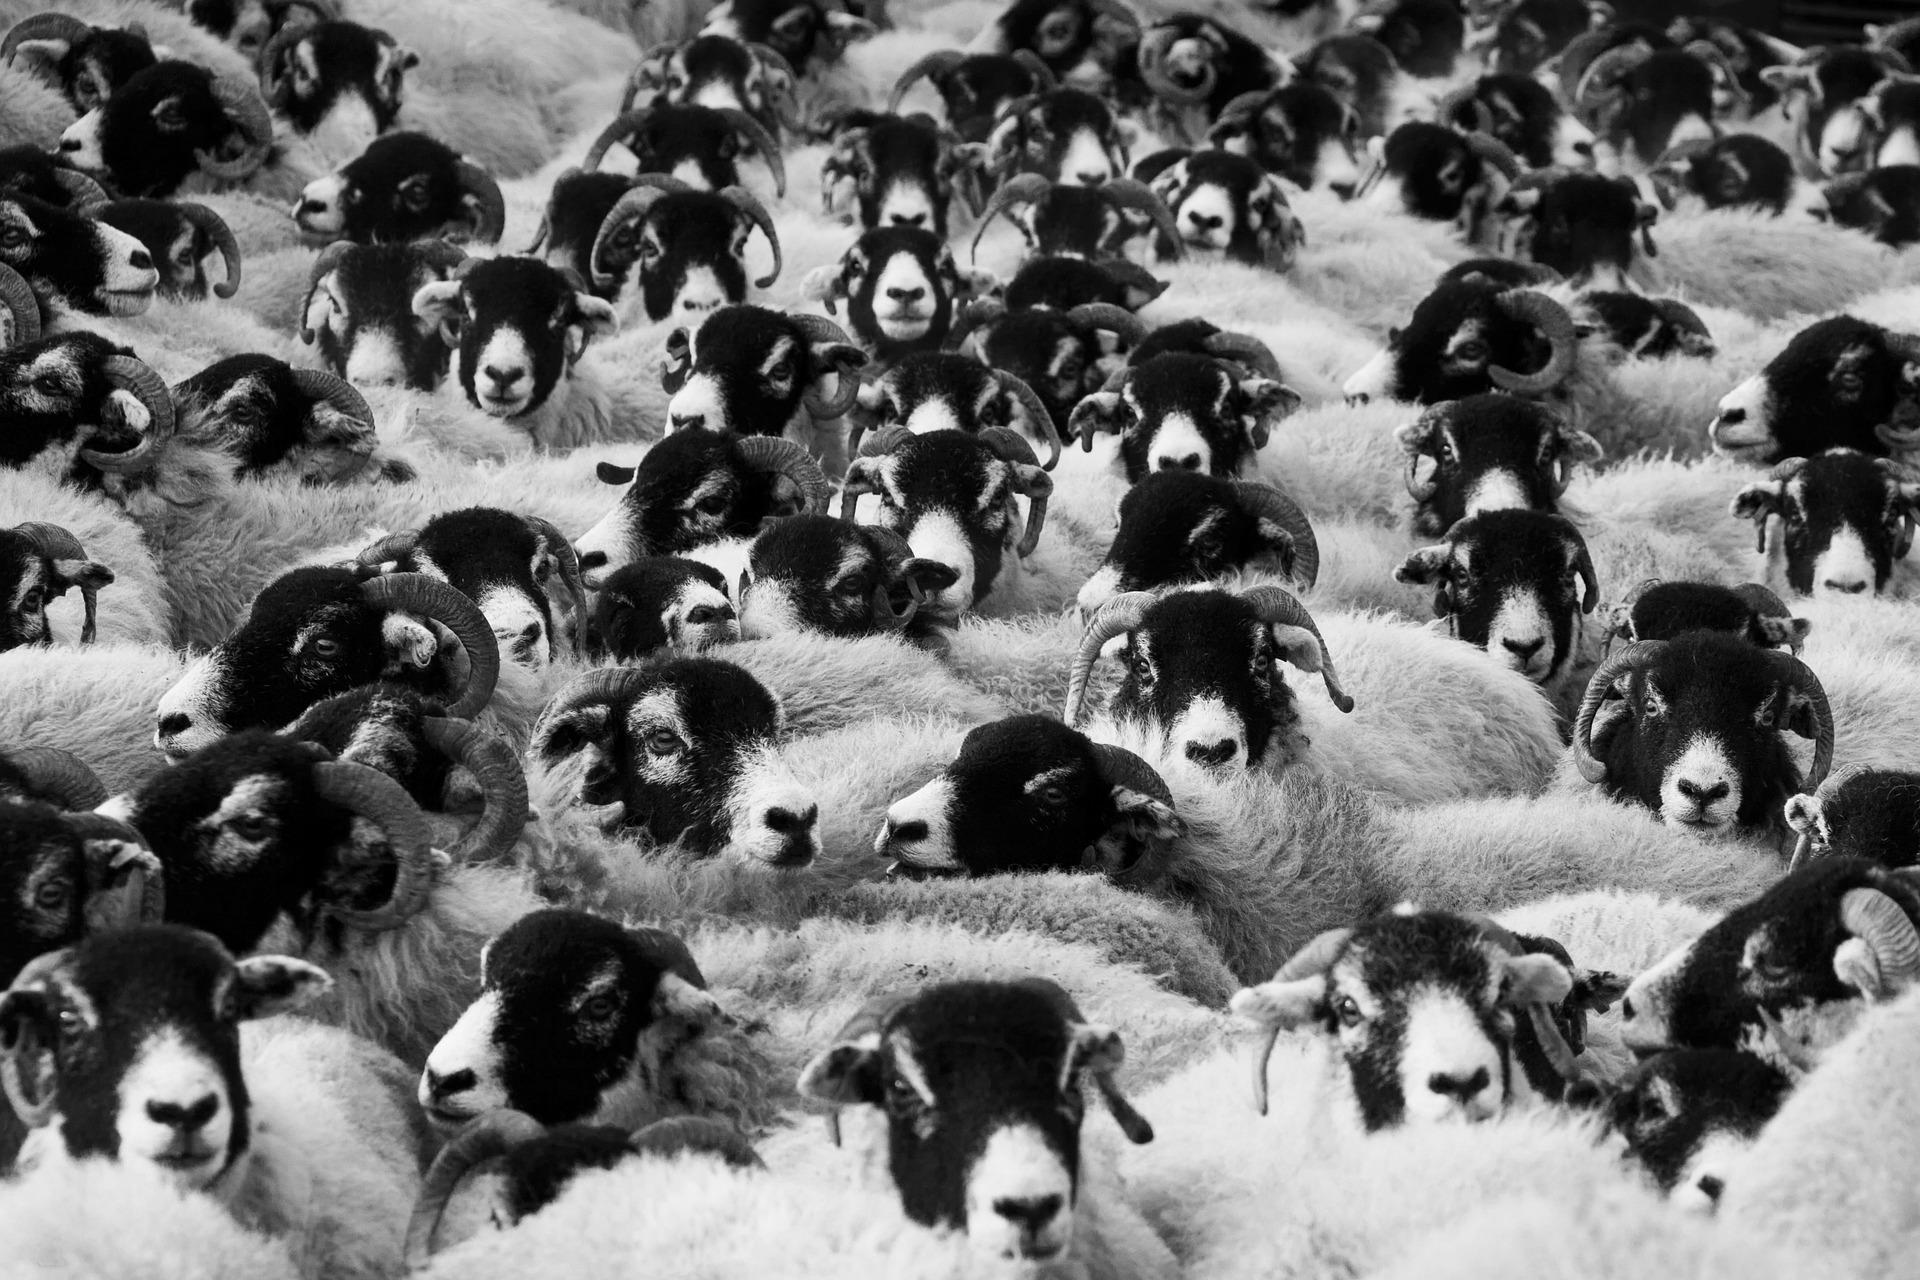 livestock-17482_1920.jpg